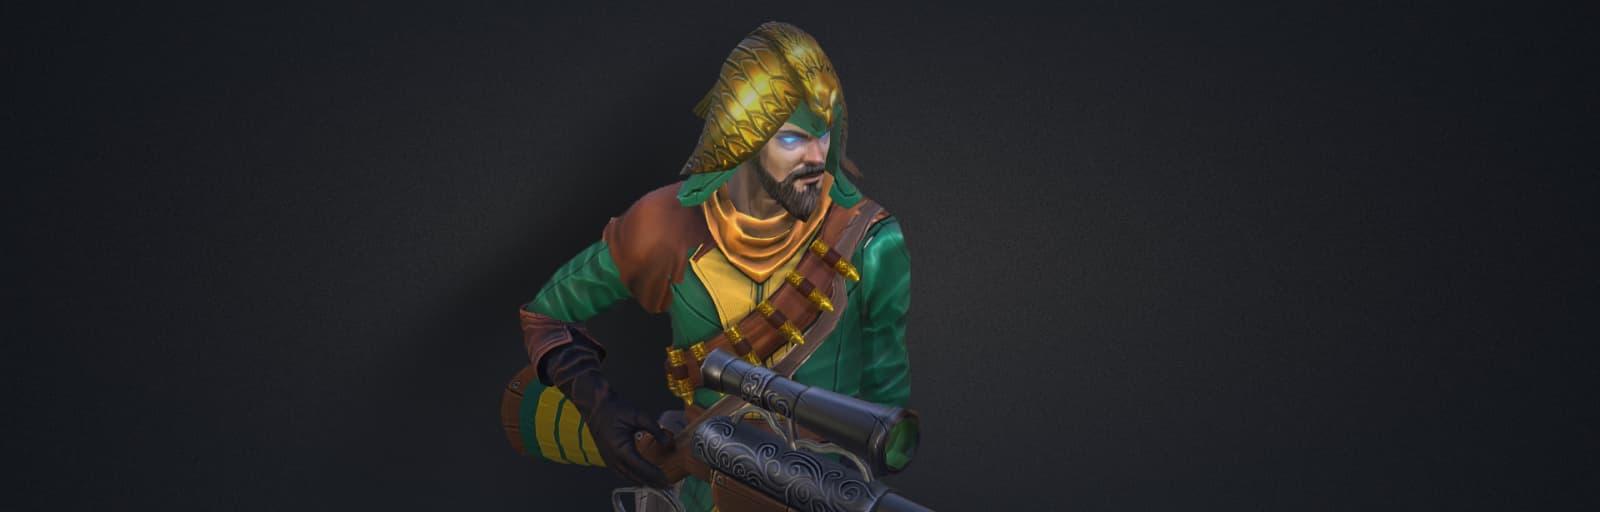 Siege of Heroes